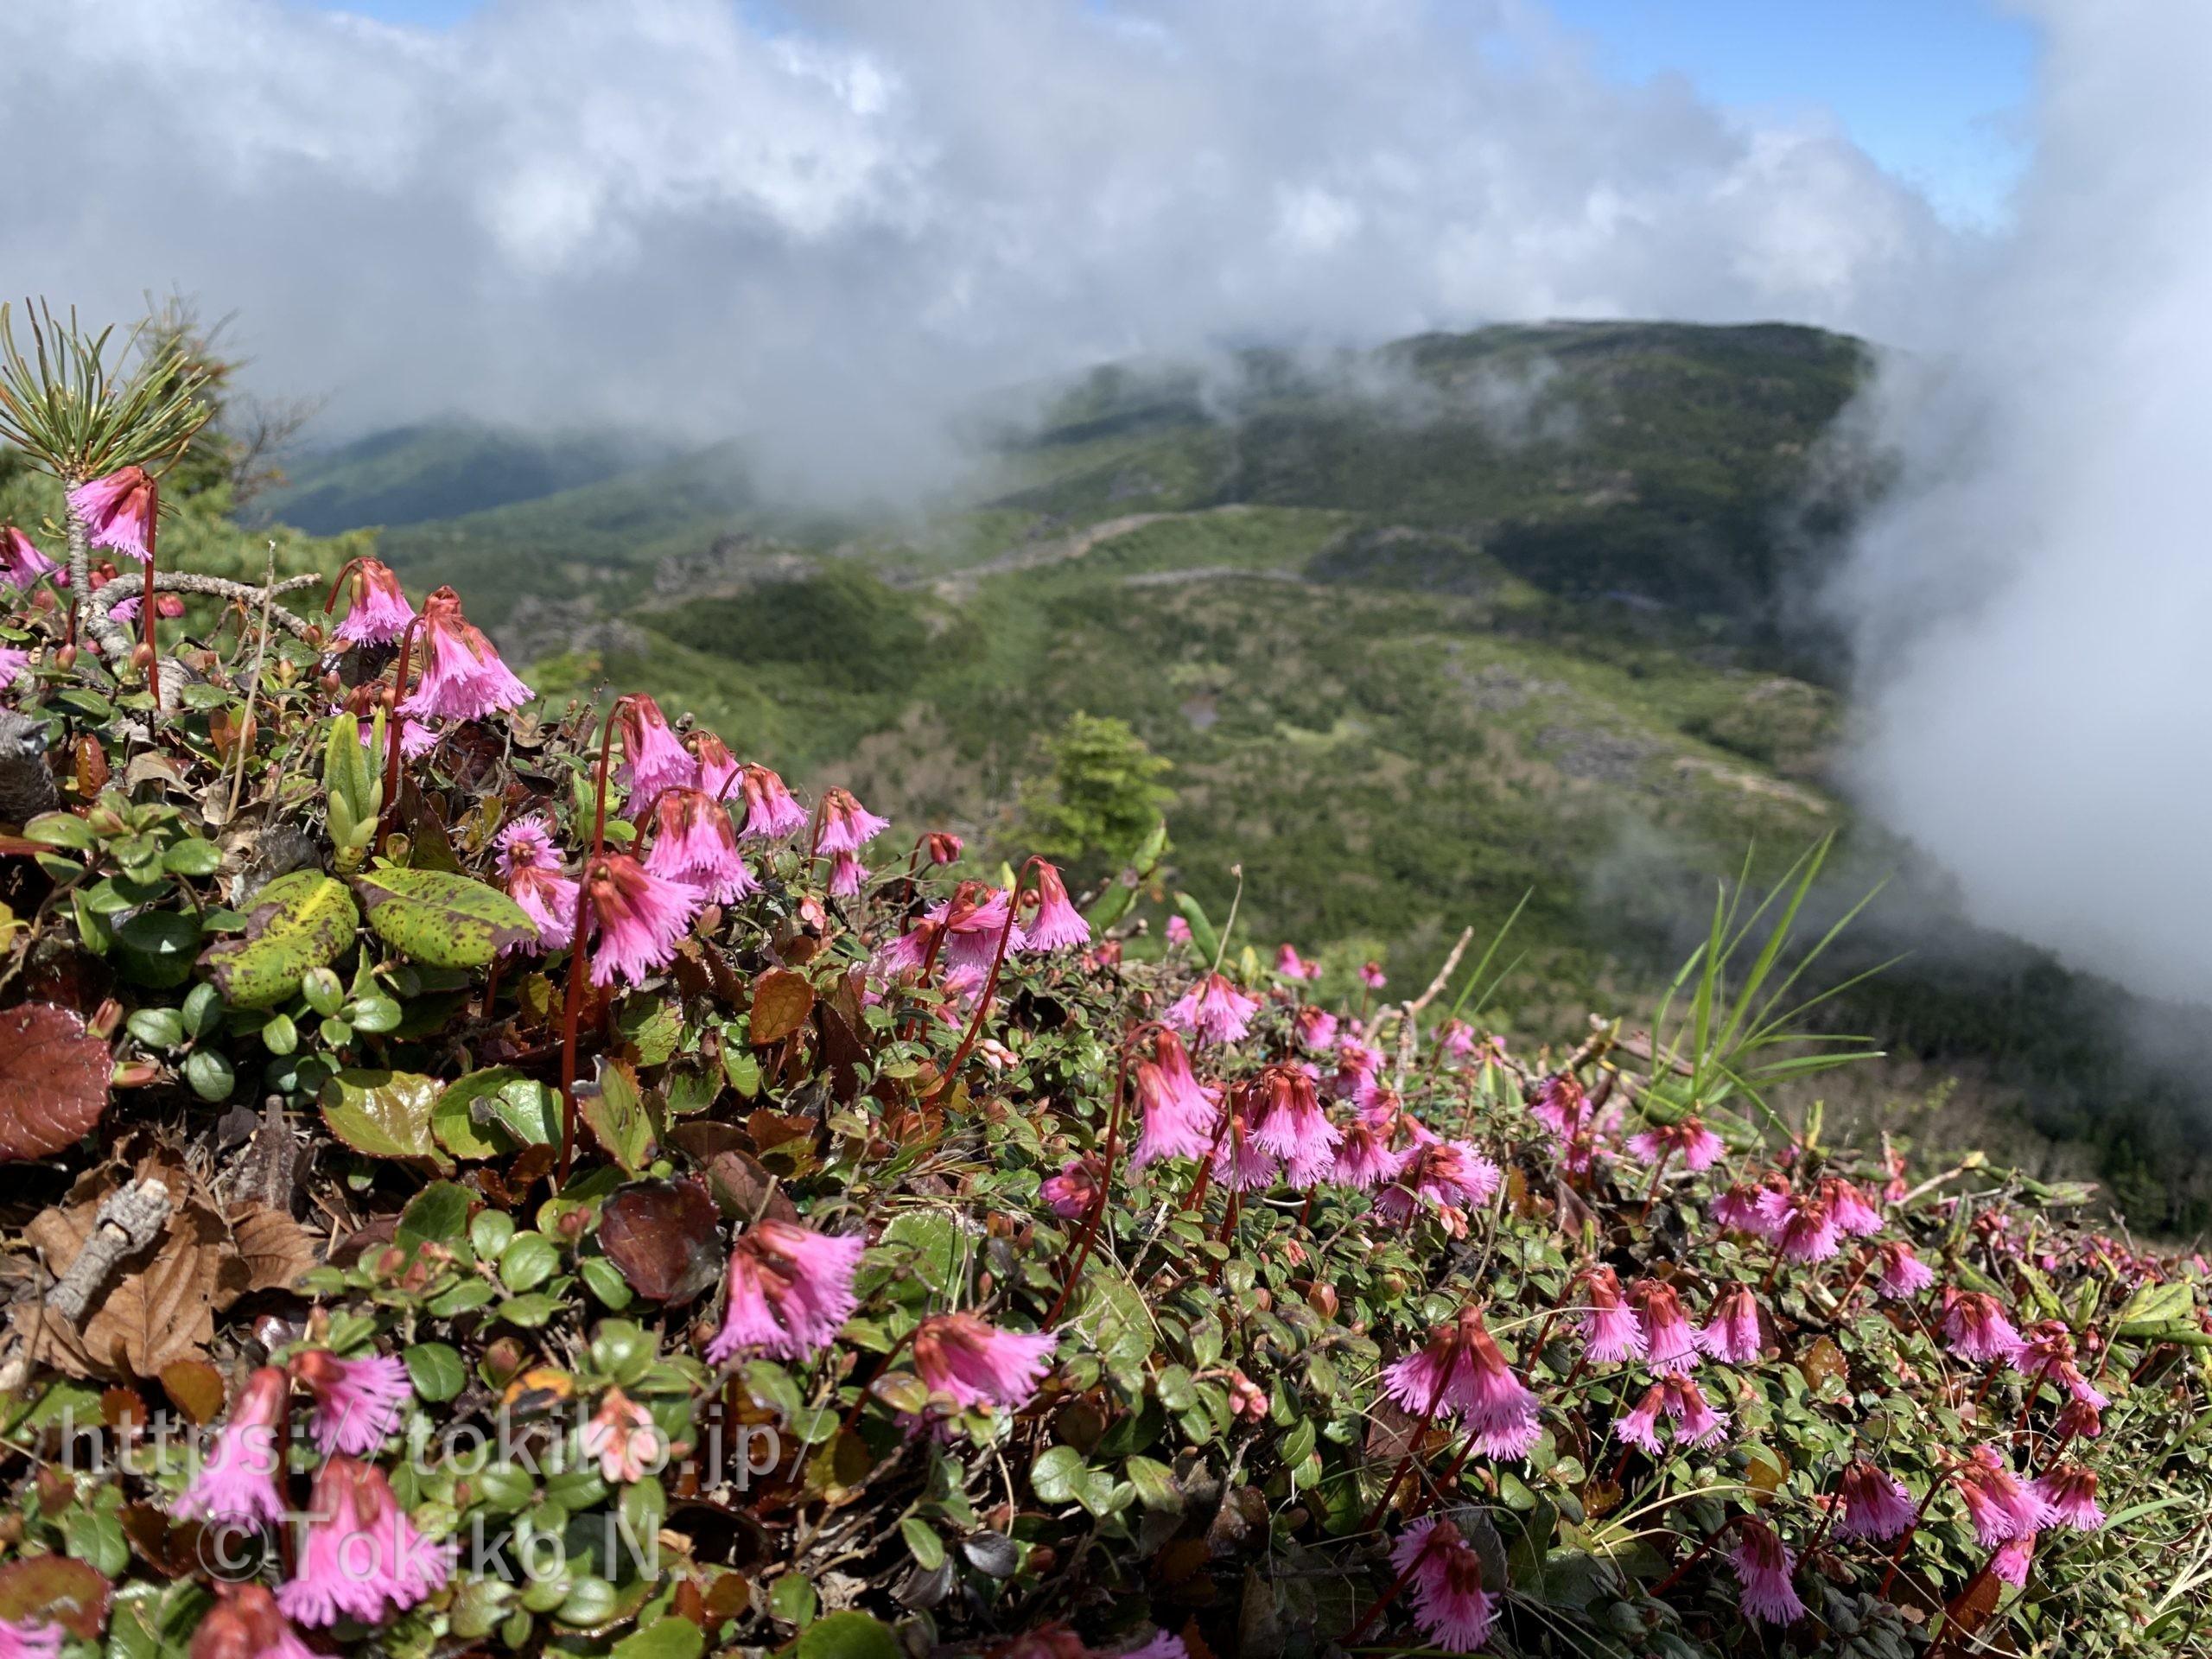 八ヶ岳(にゅう・天狗岳・中山)|白駒池から周回|マタニティ登山その①|妊娠5ヶ月